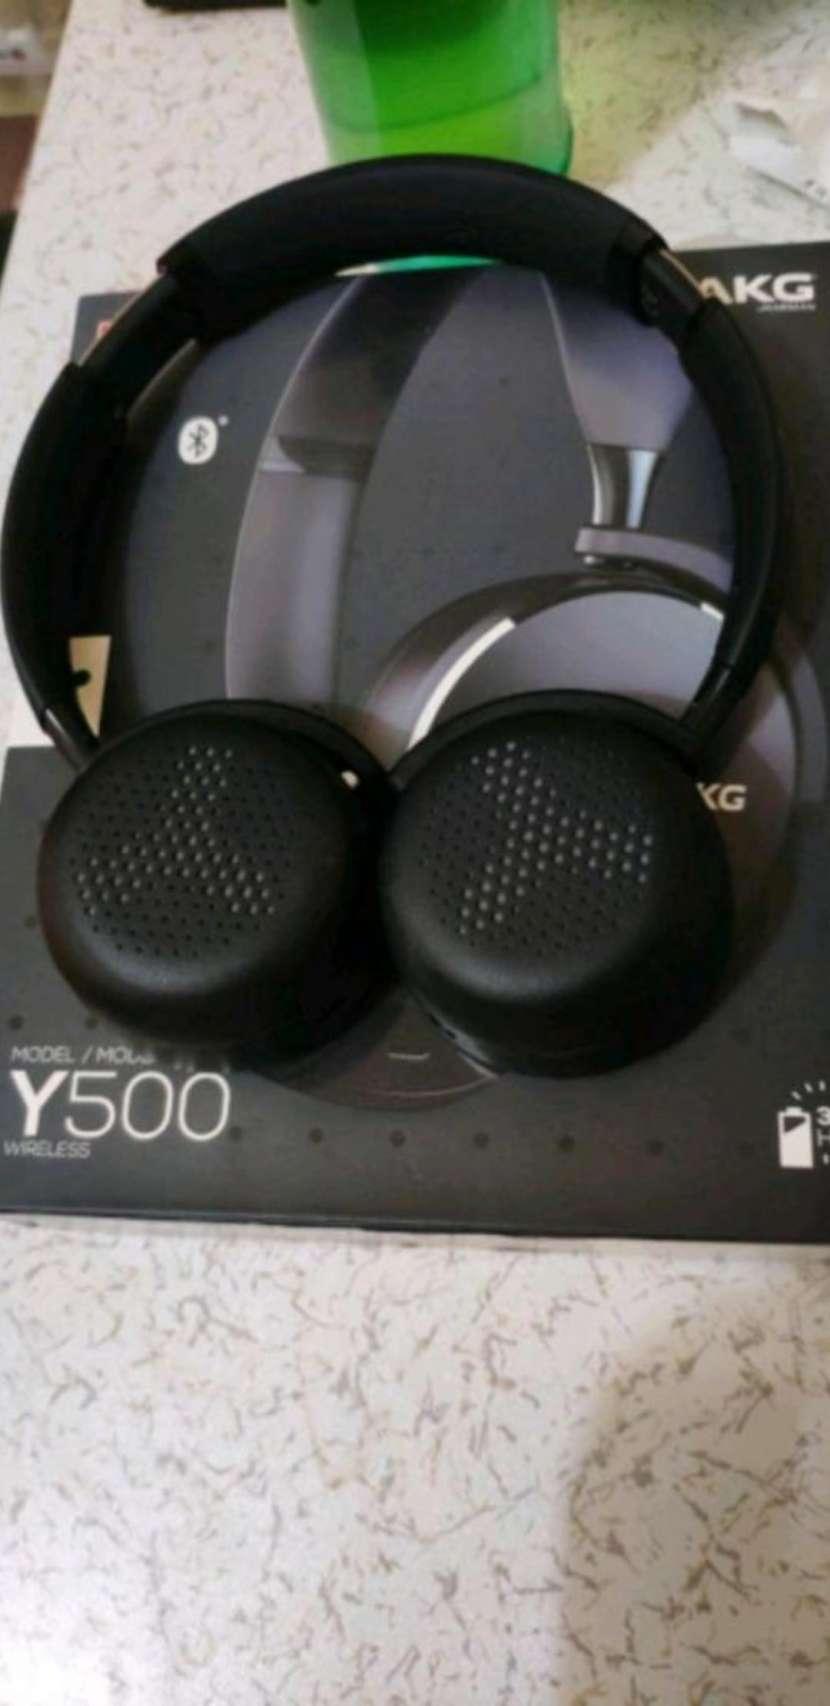 Auricular akg y500 - 1